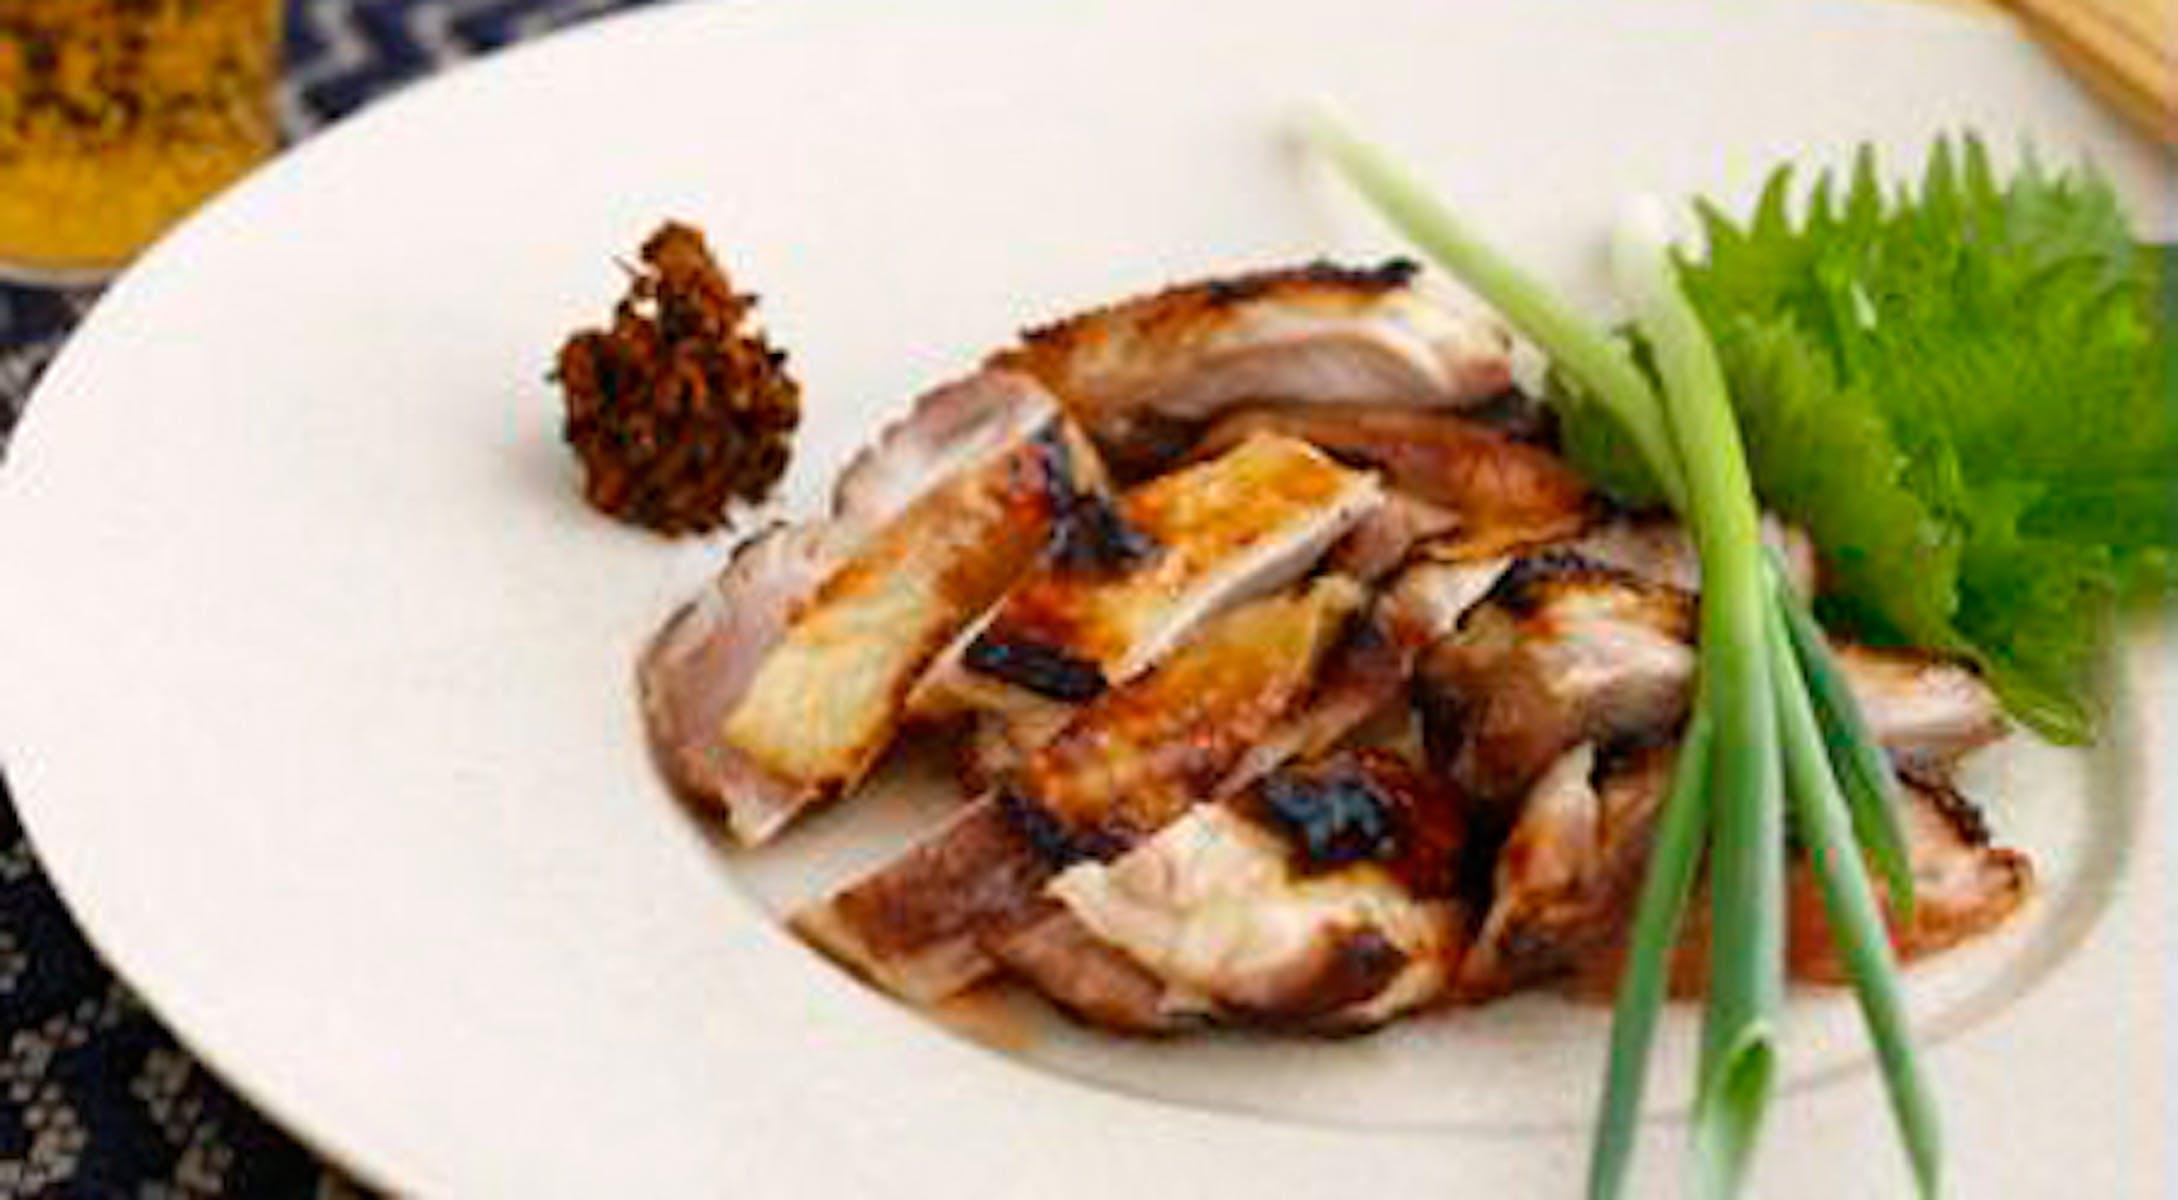 鶏肉の味噌漬け焼き 生七味添え